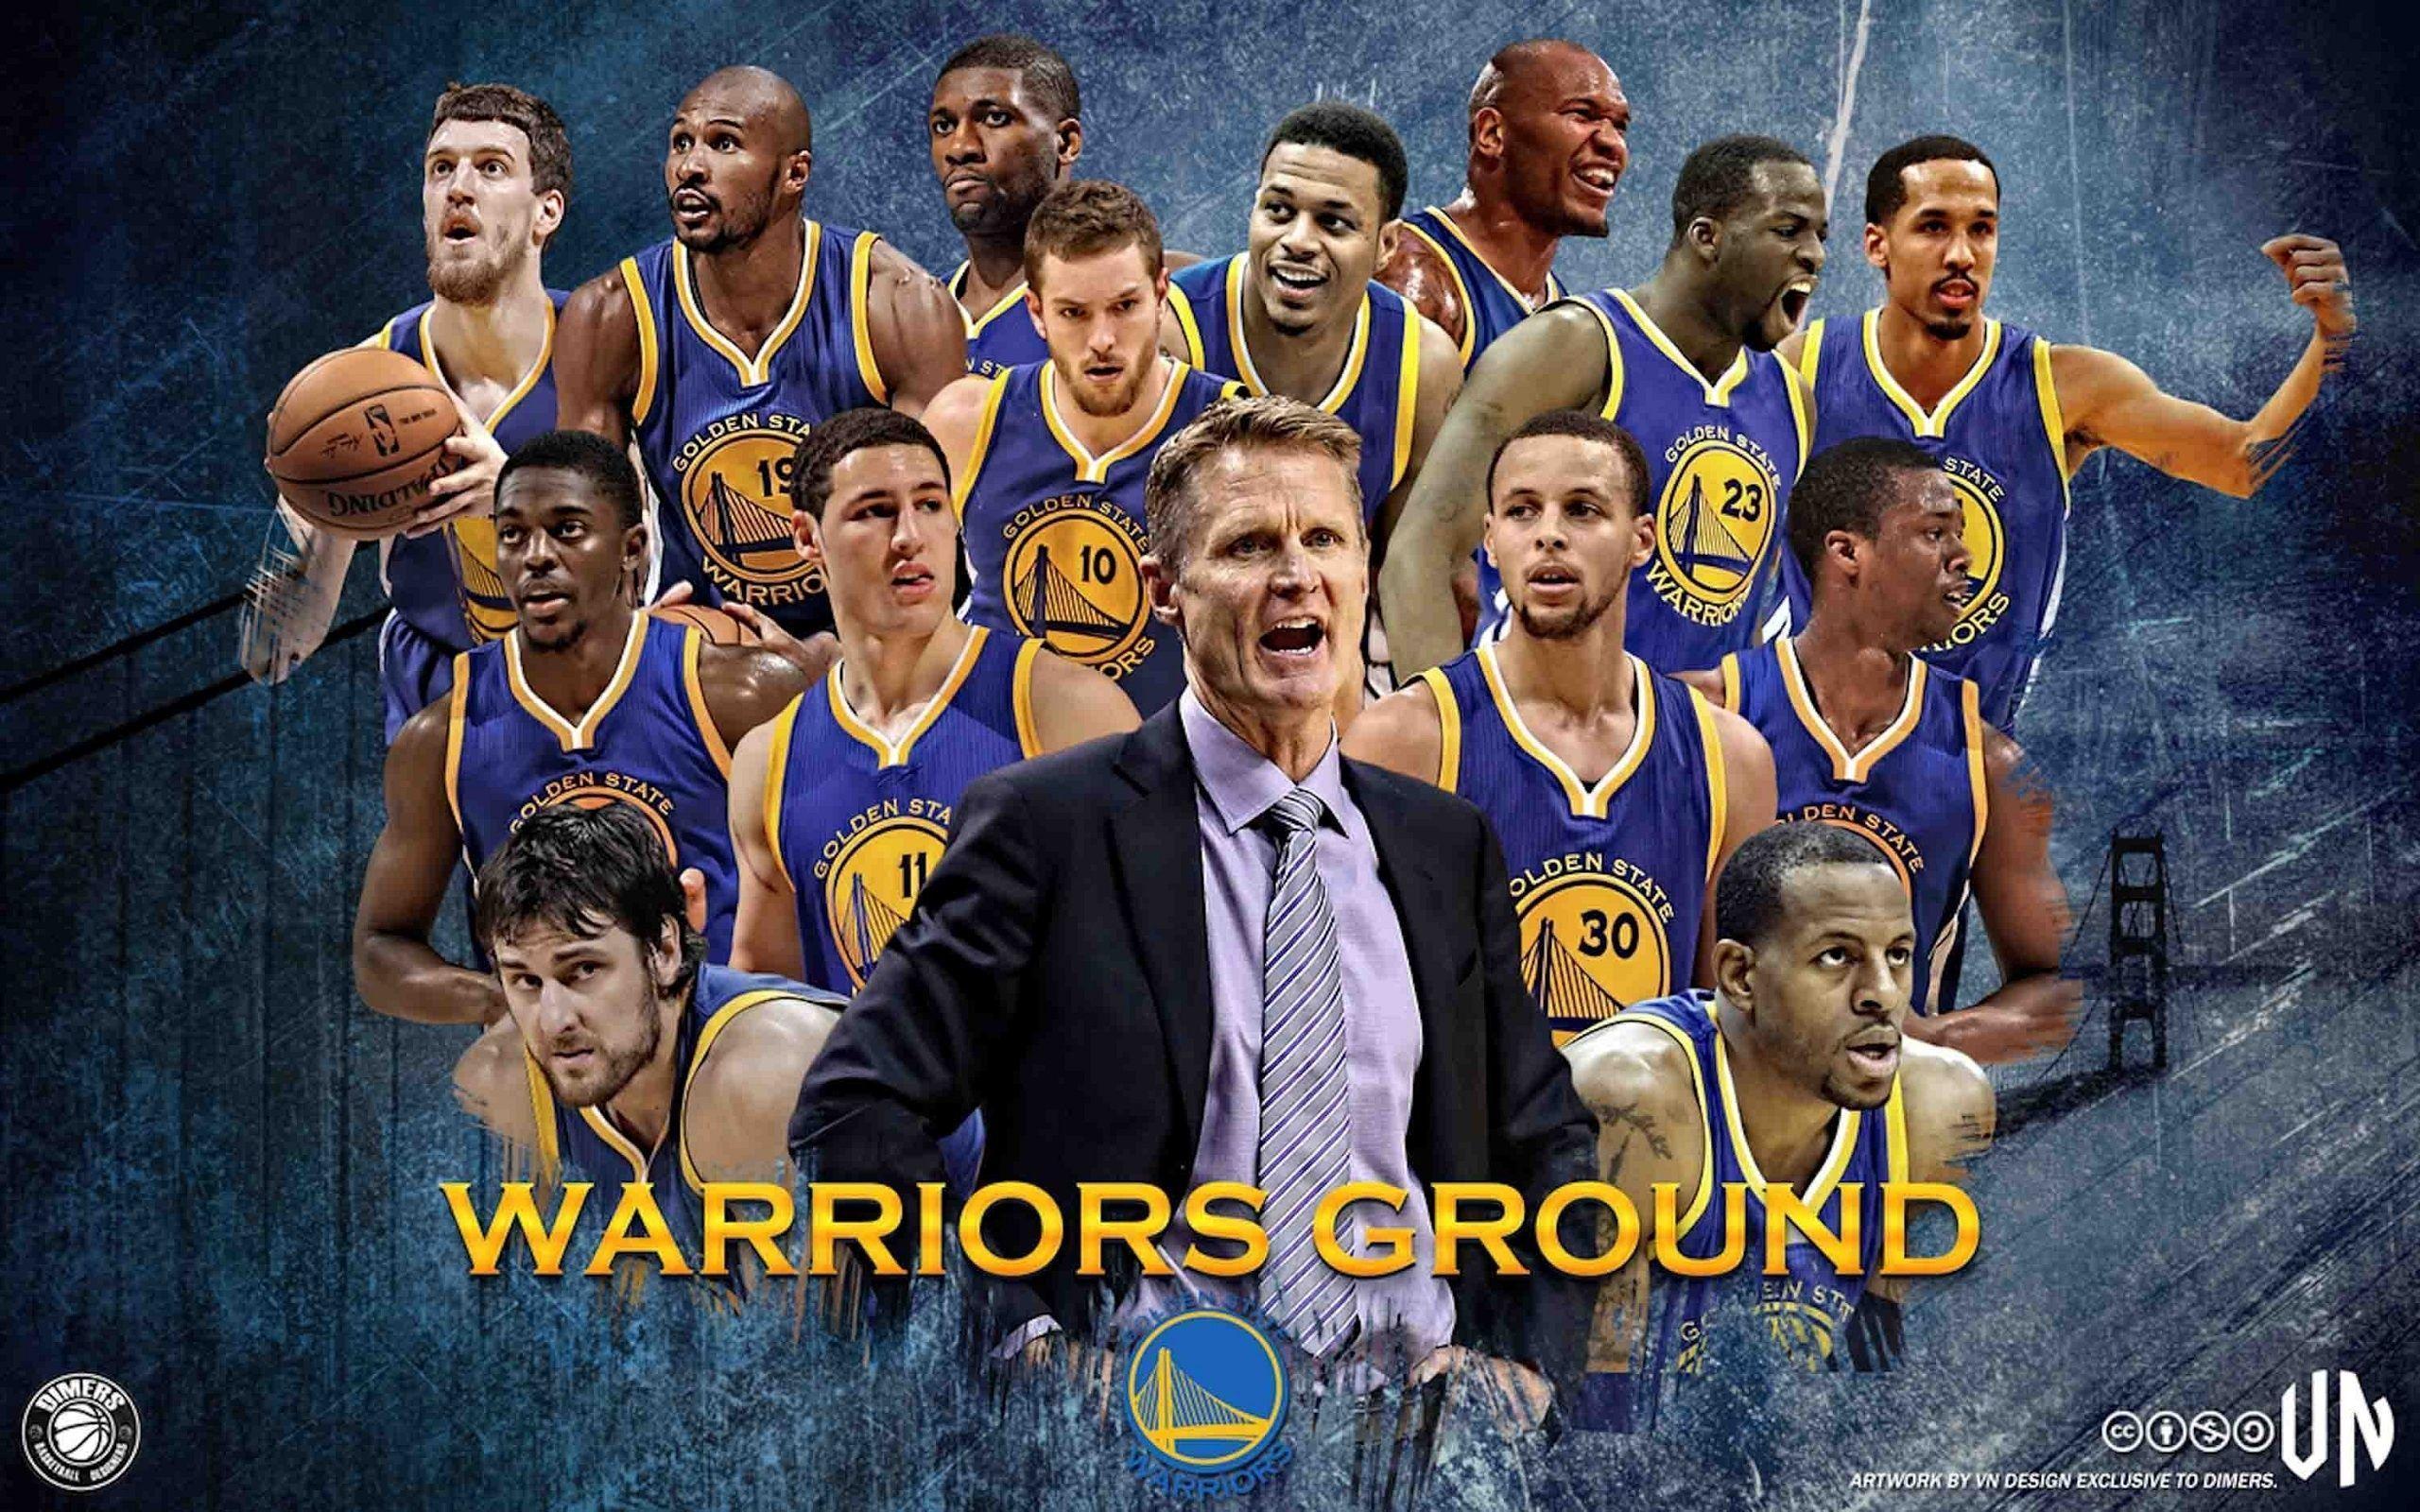 Nba basketball wallpapers 2017 wallpaper cave - Golden state warriors wallpaper 2017 ...